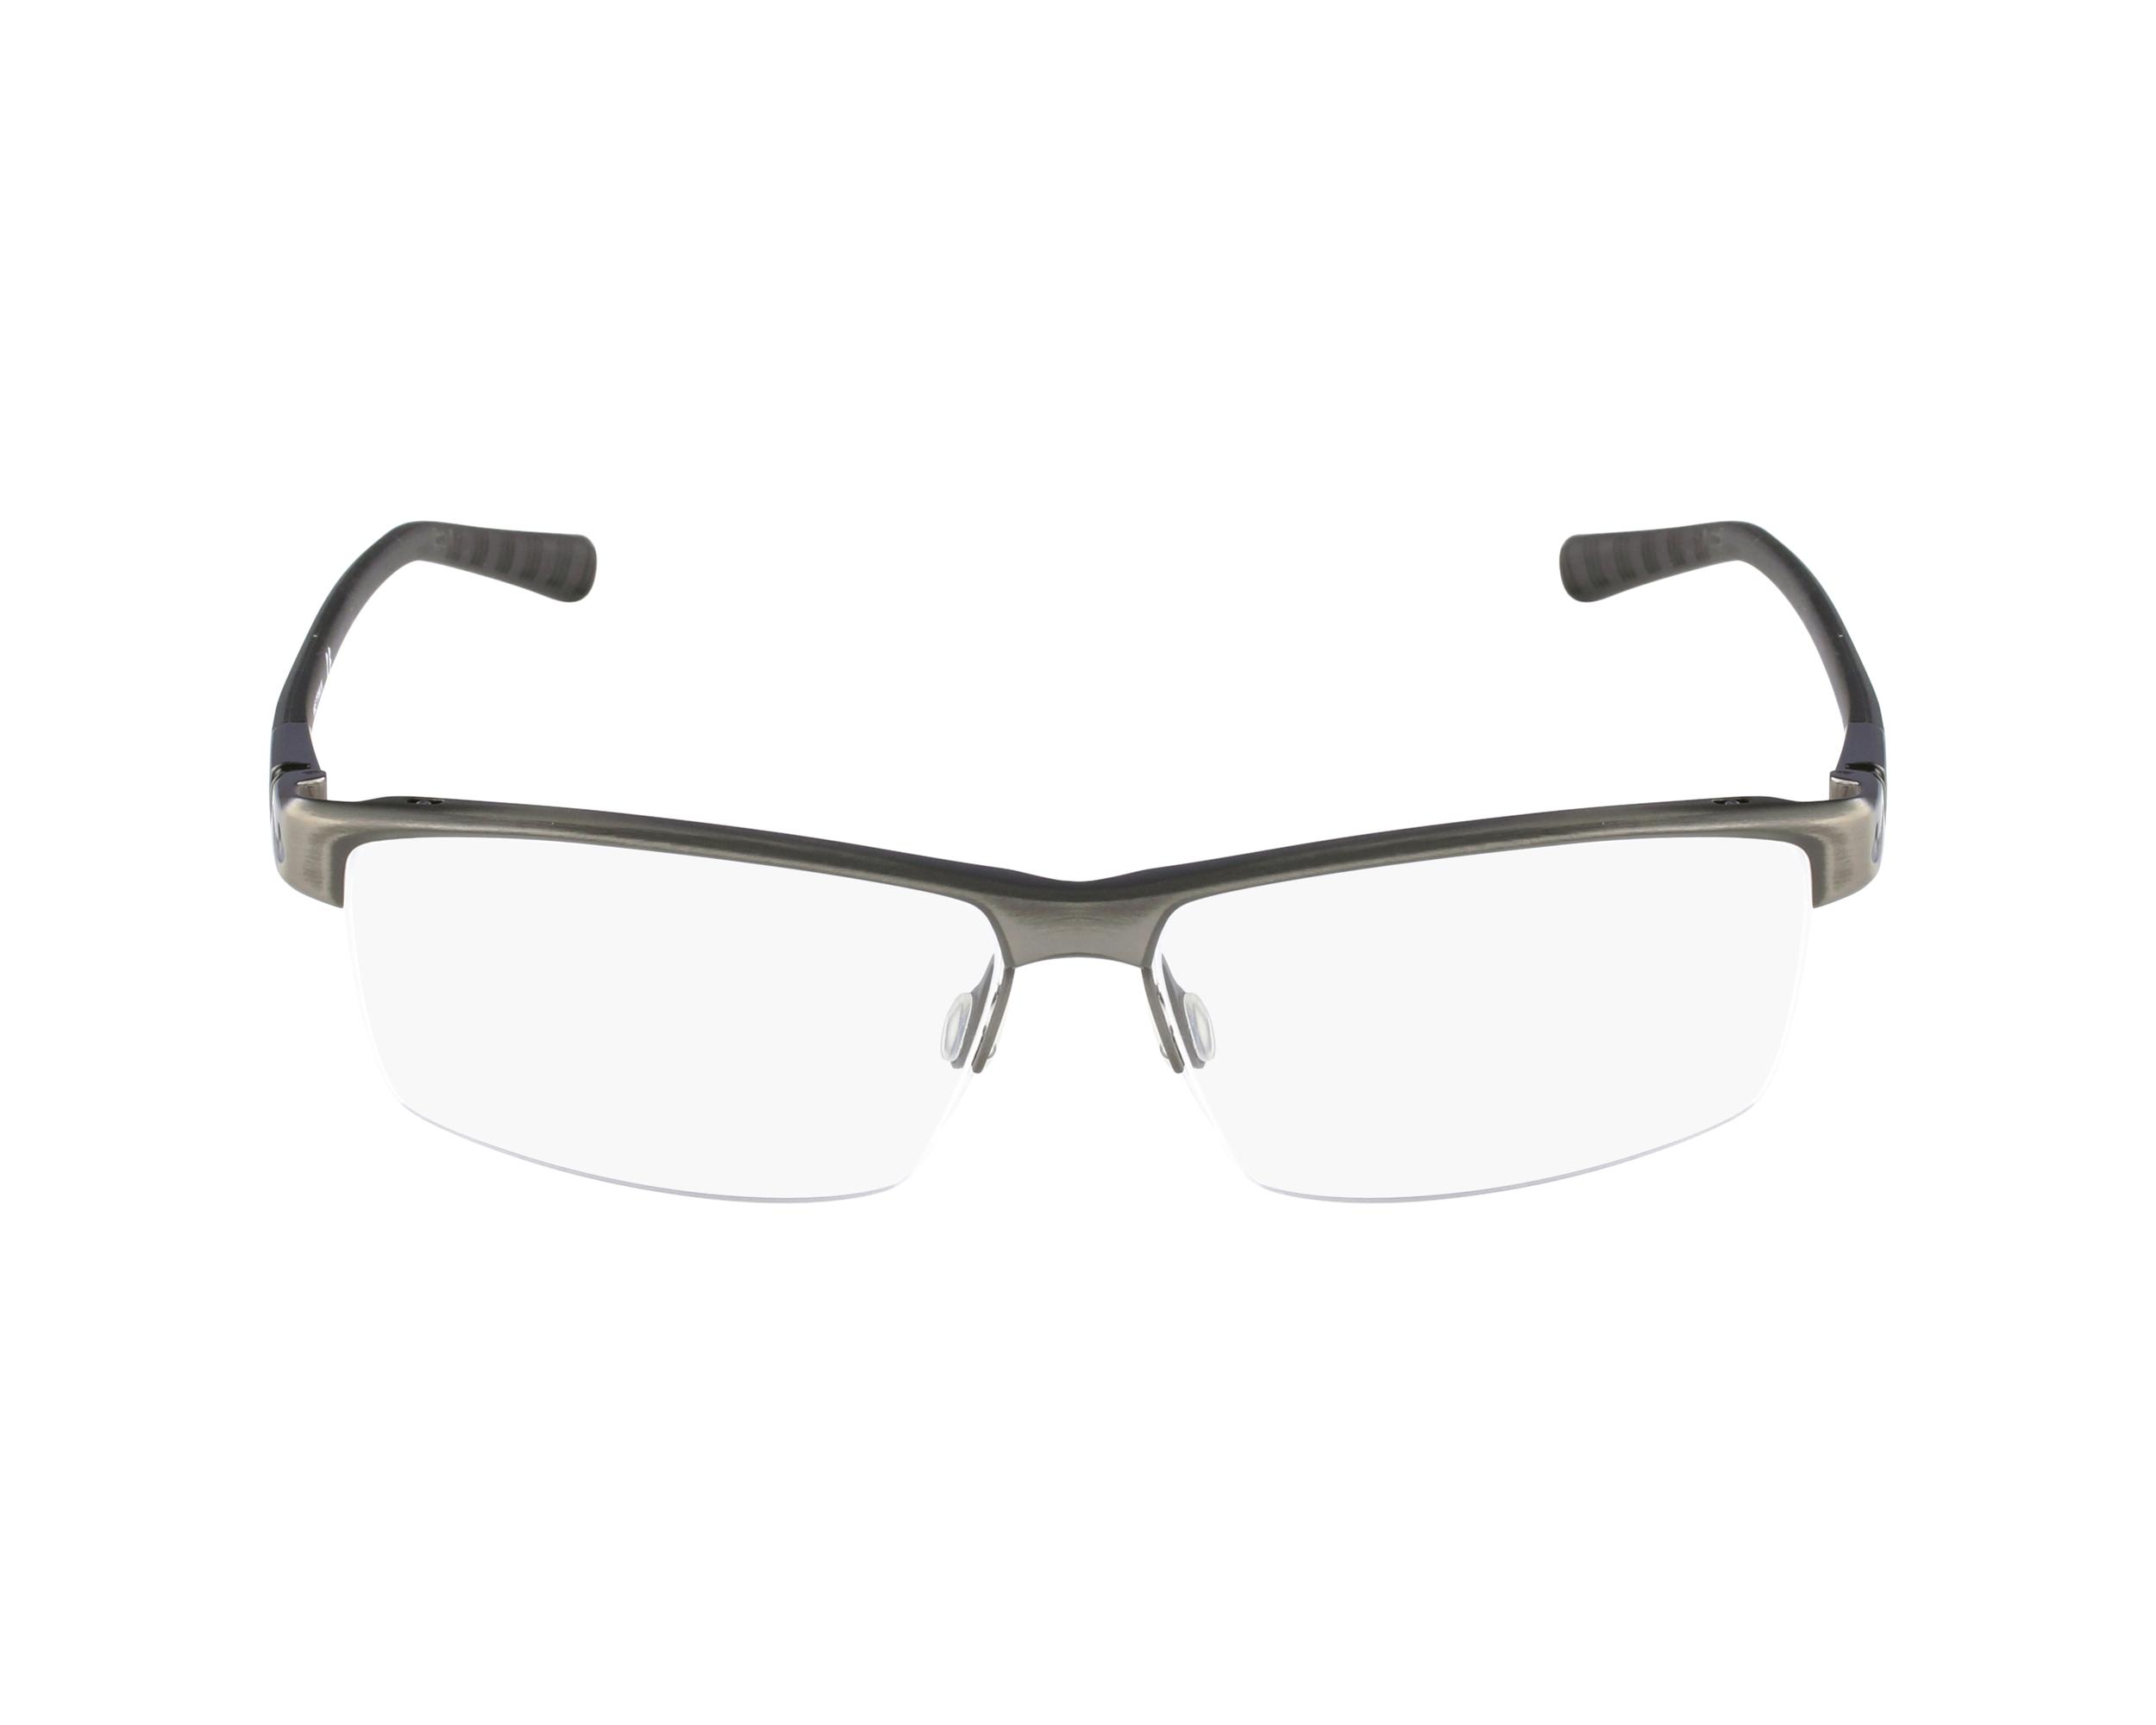 f667d49e01 Men eyeglasses nike frame jpg 2500x2000 Men eyeglasses nike 6050 frame